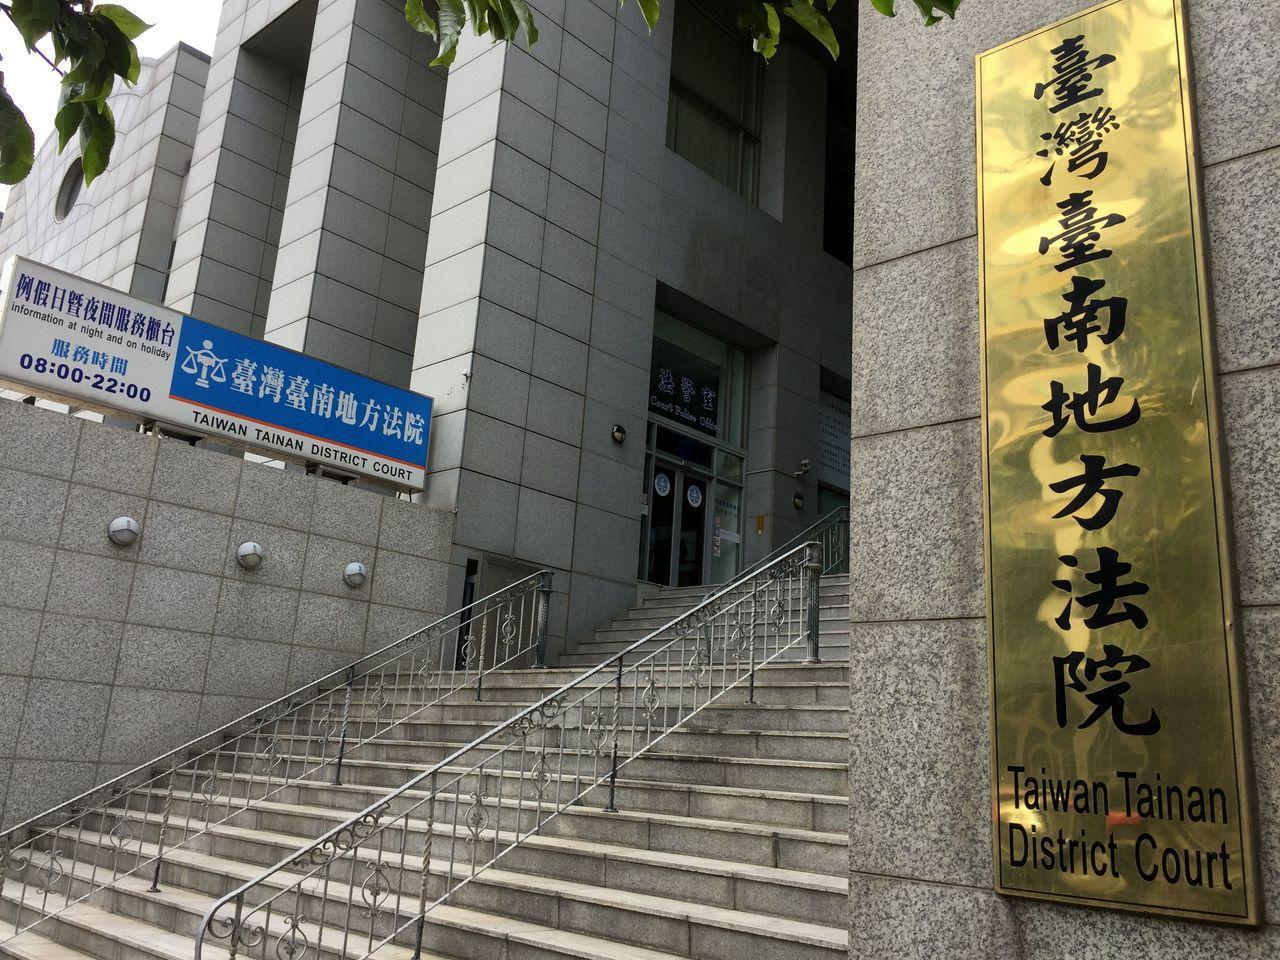 許姓男子去年7月間因身體不適前往台南成大醫院急診,不耐等候,對實習醫師及護理師嗆...